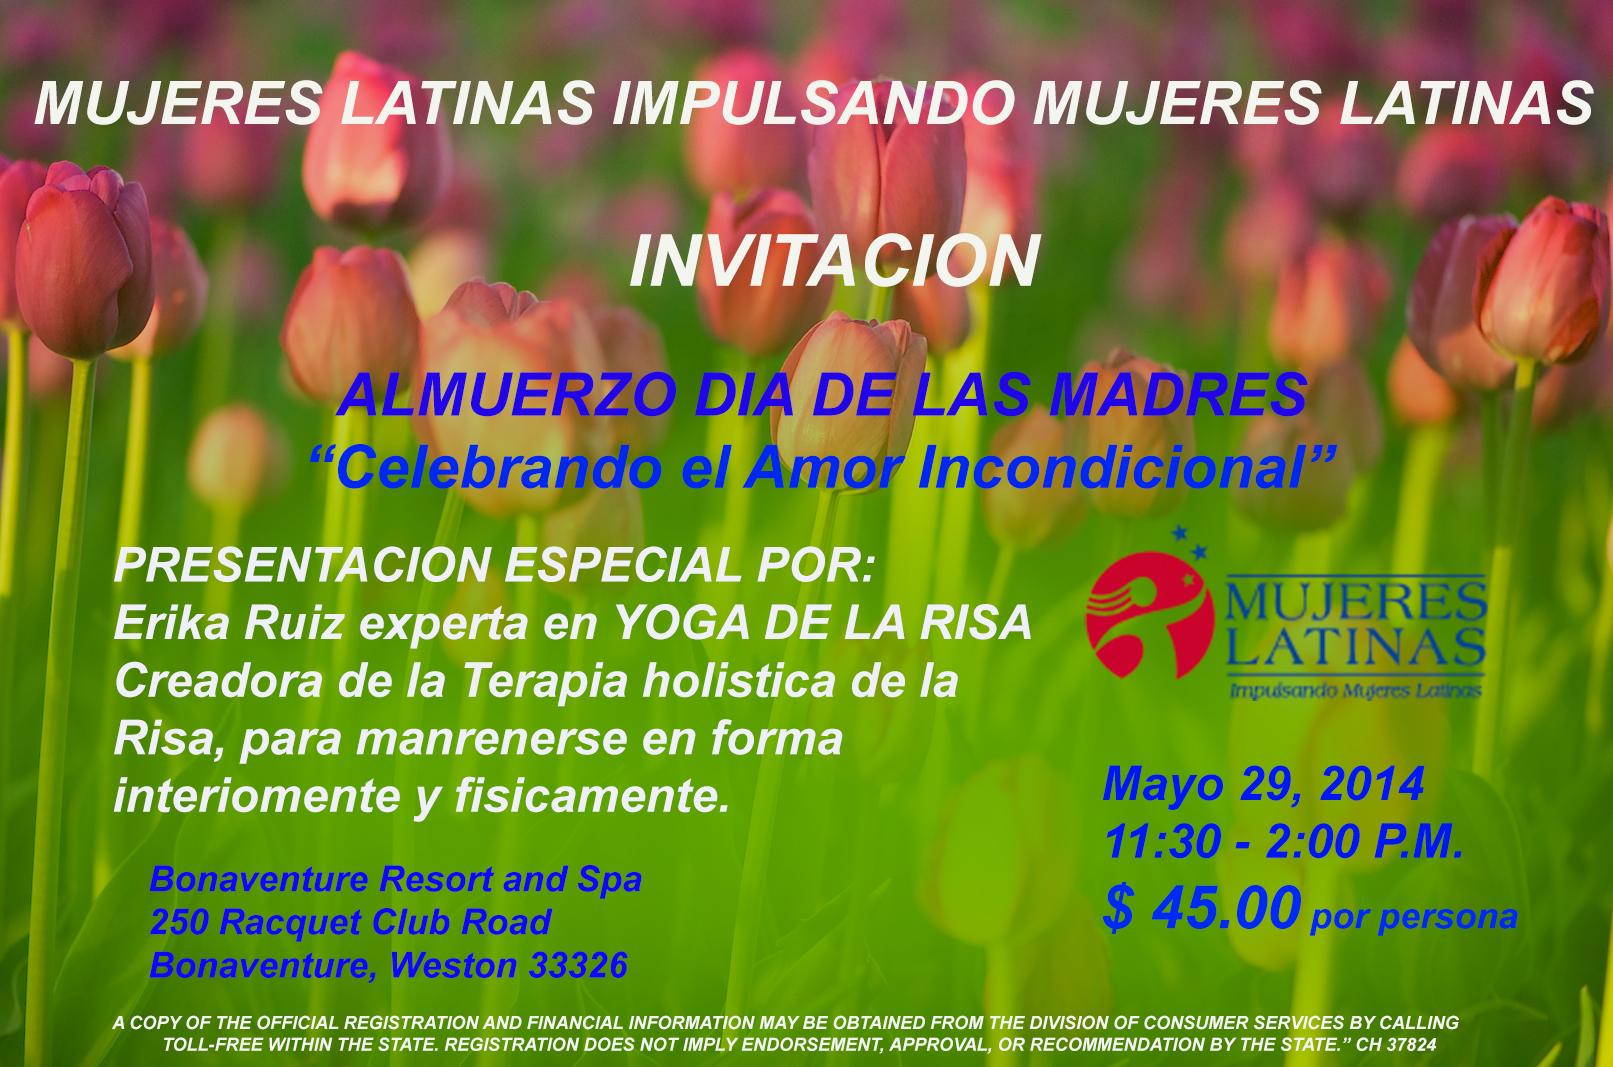 Invitacion DÍa De Las Madres RegiÓn: ALMUERZO DIA DE LA MADRE